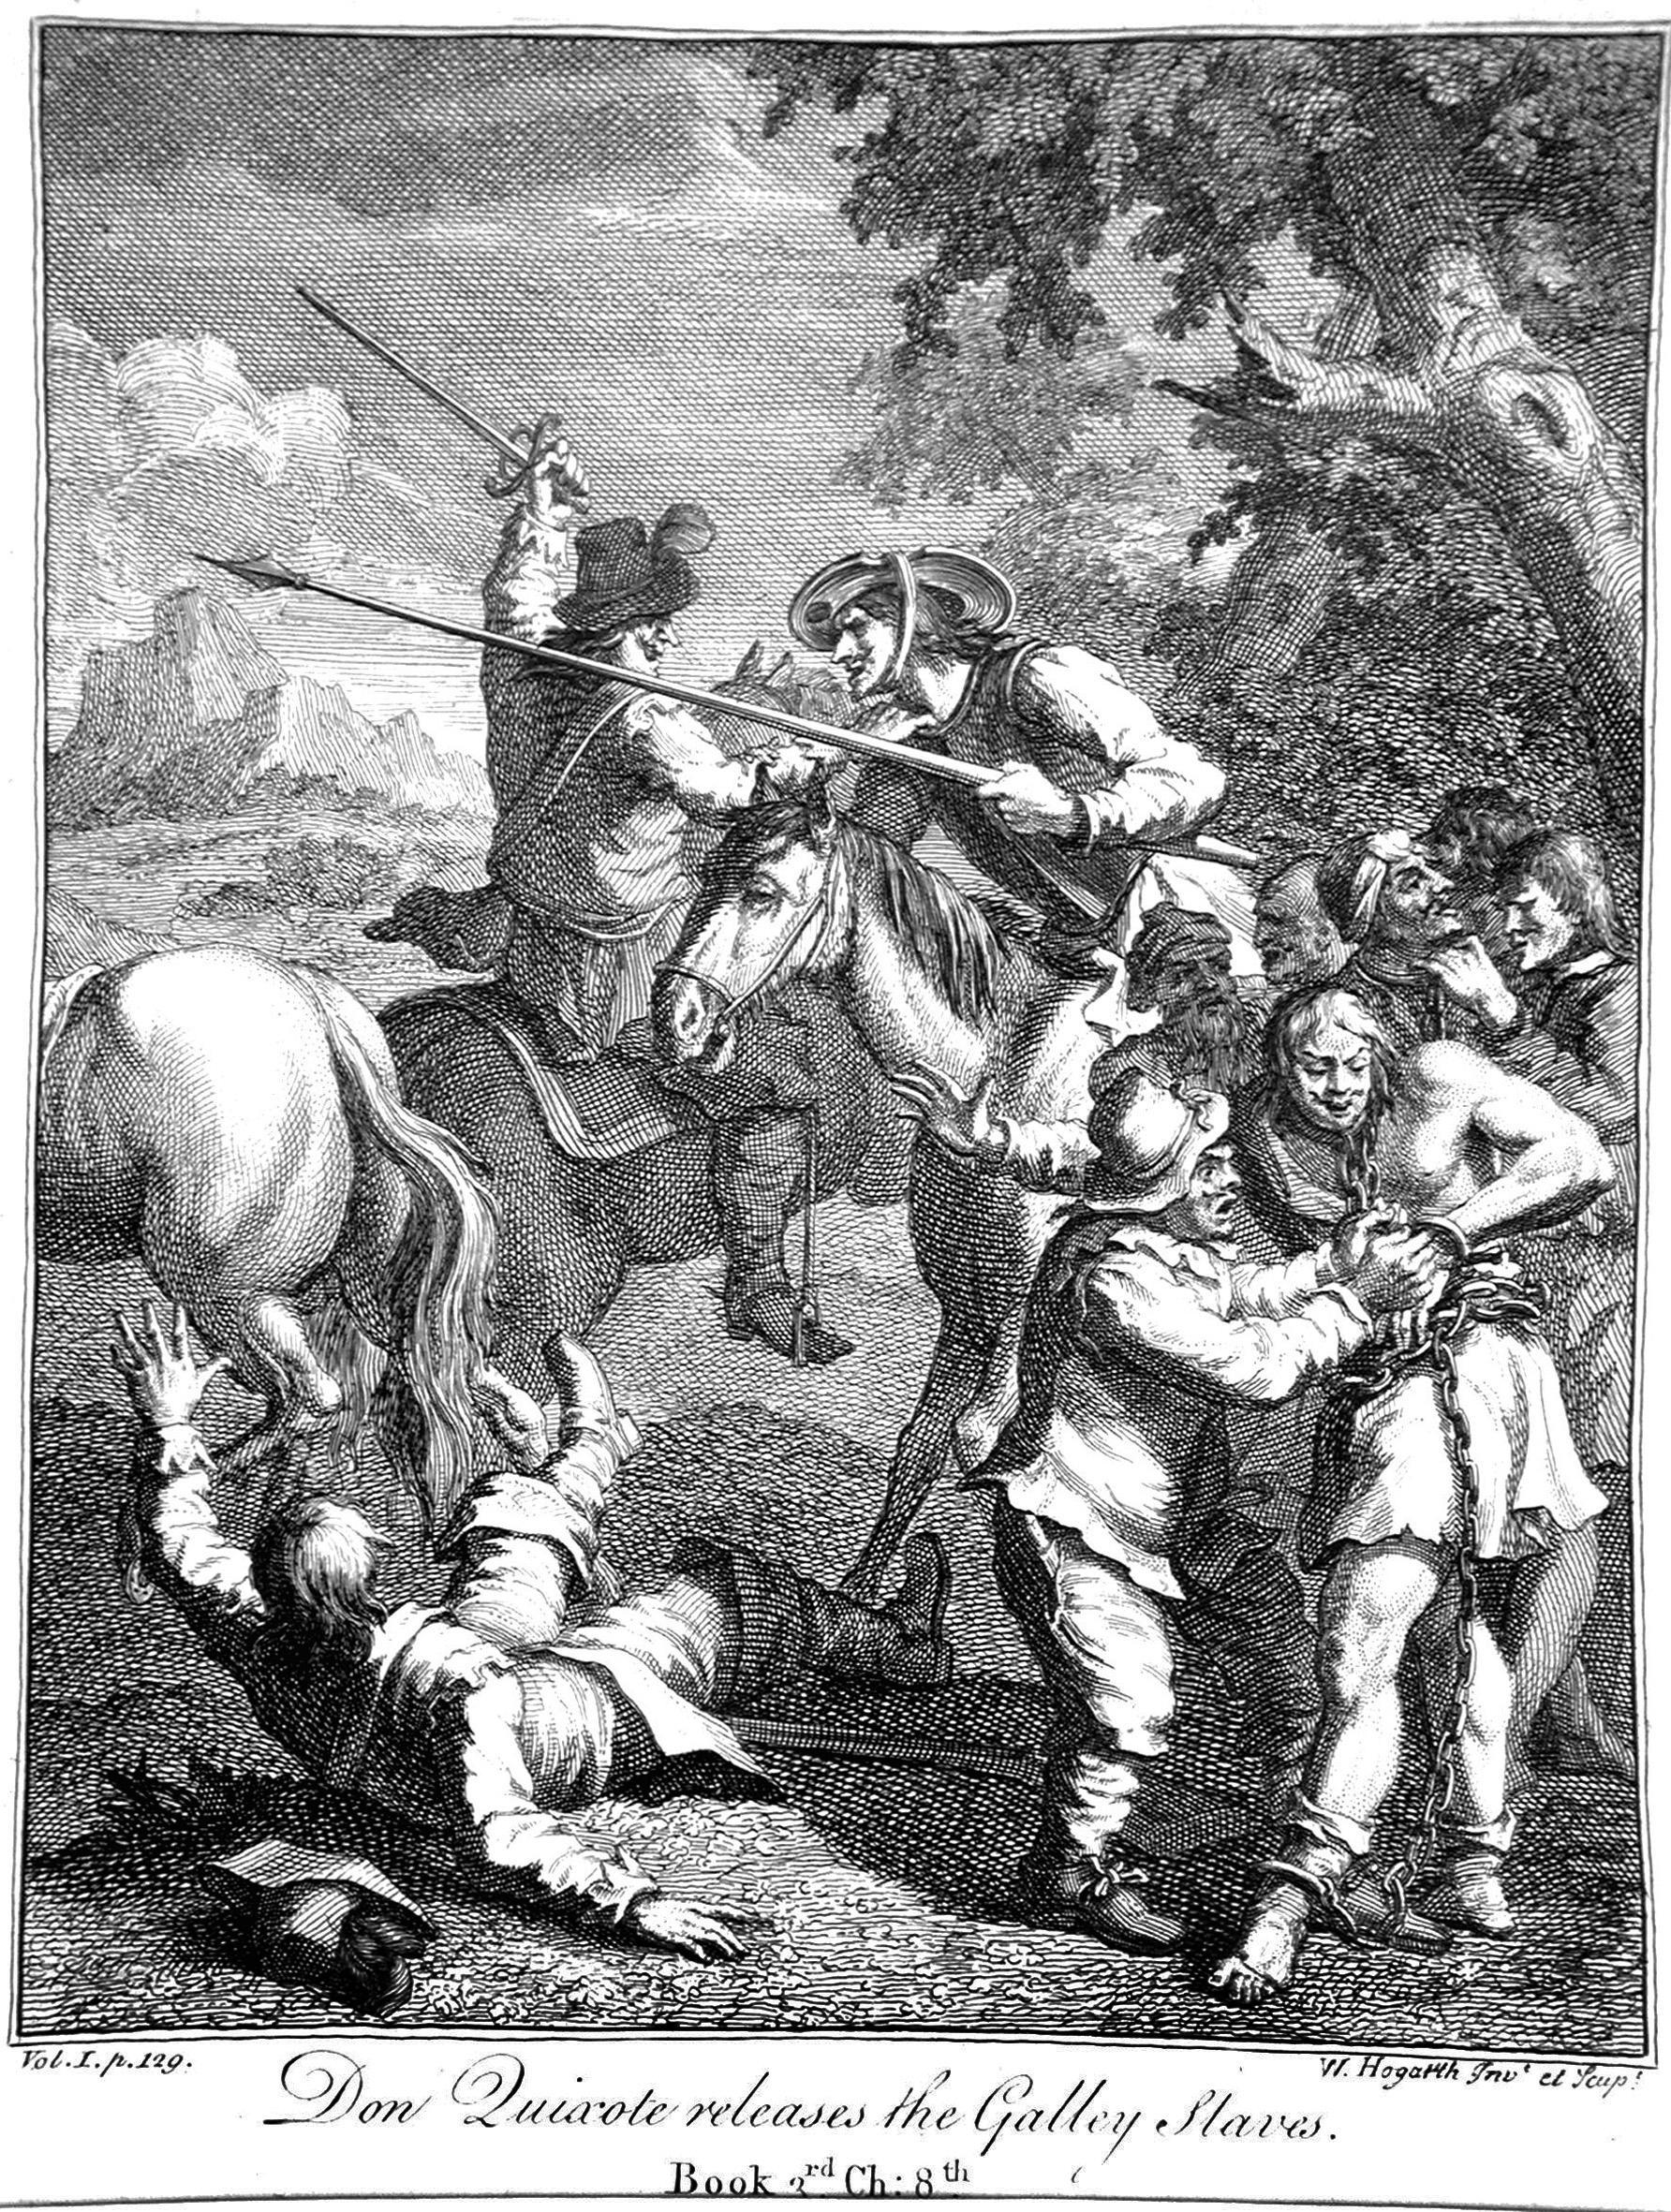 Hogart W; Don Chisciotte libera gli schiavi